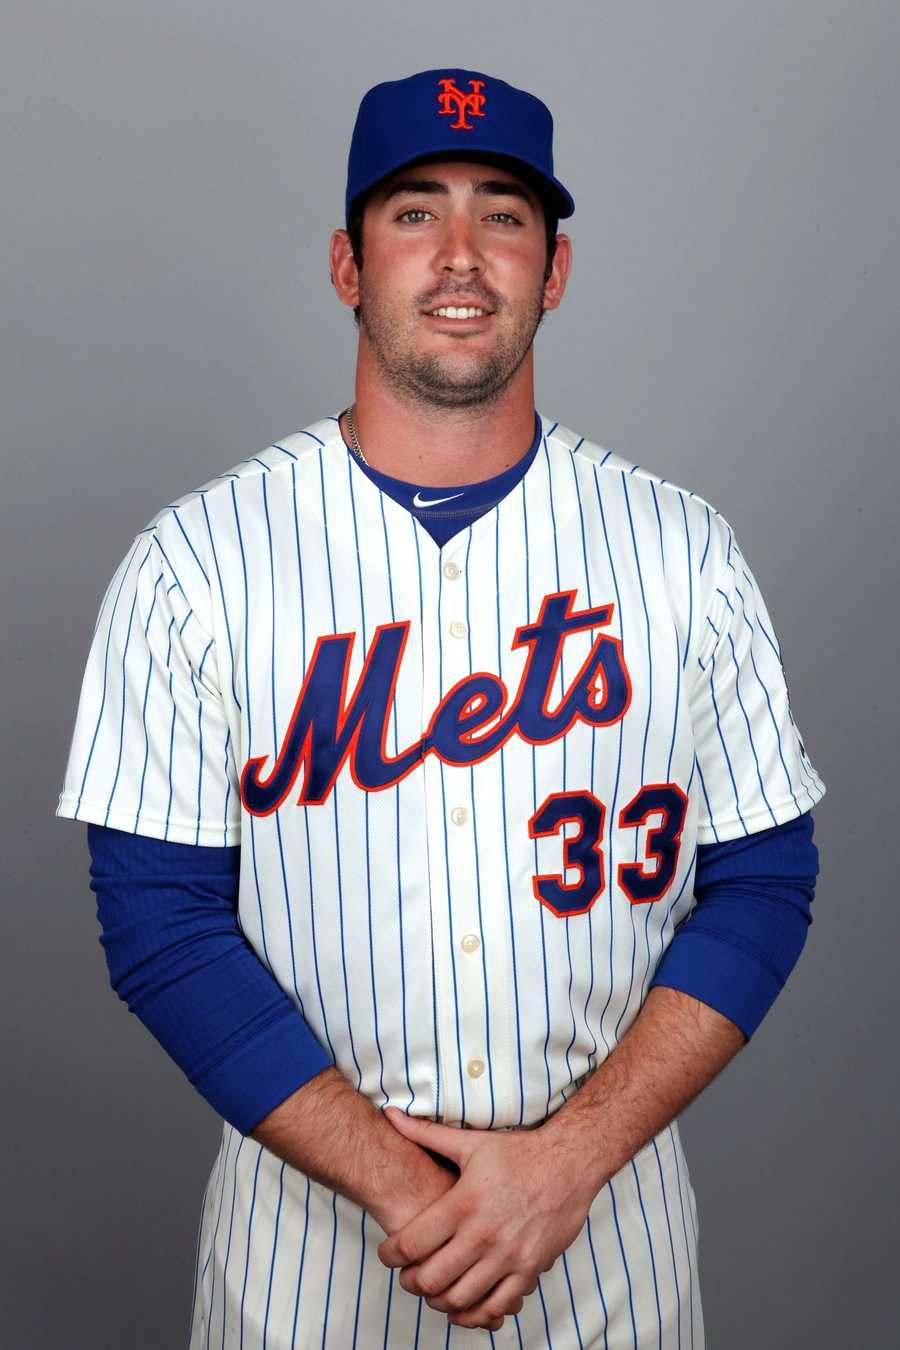 15) Matt Harvey, New York Mets